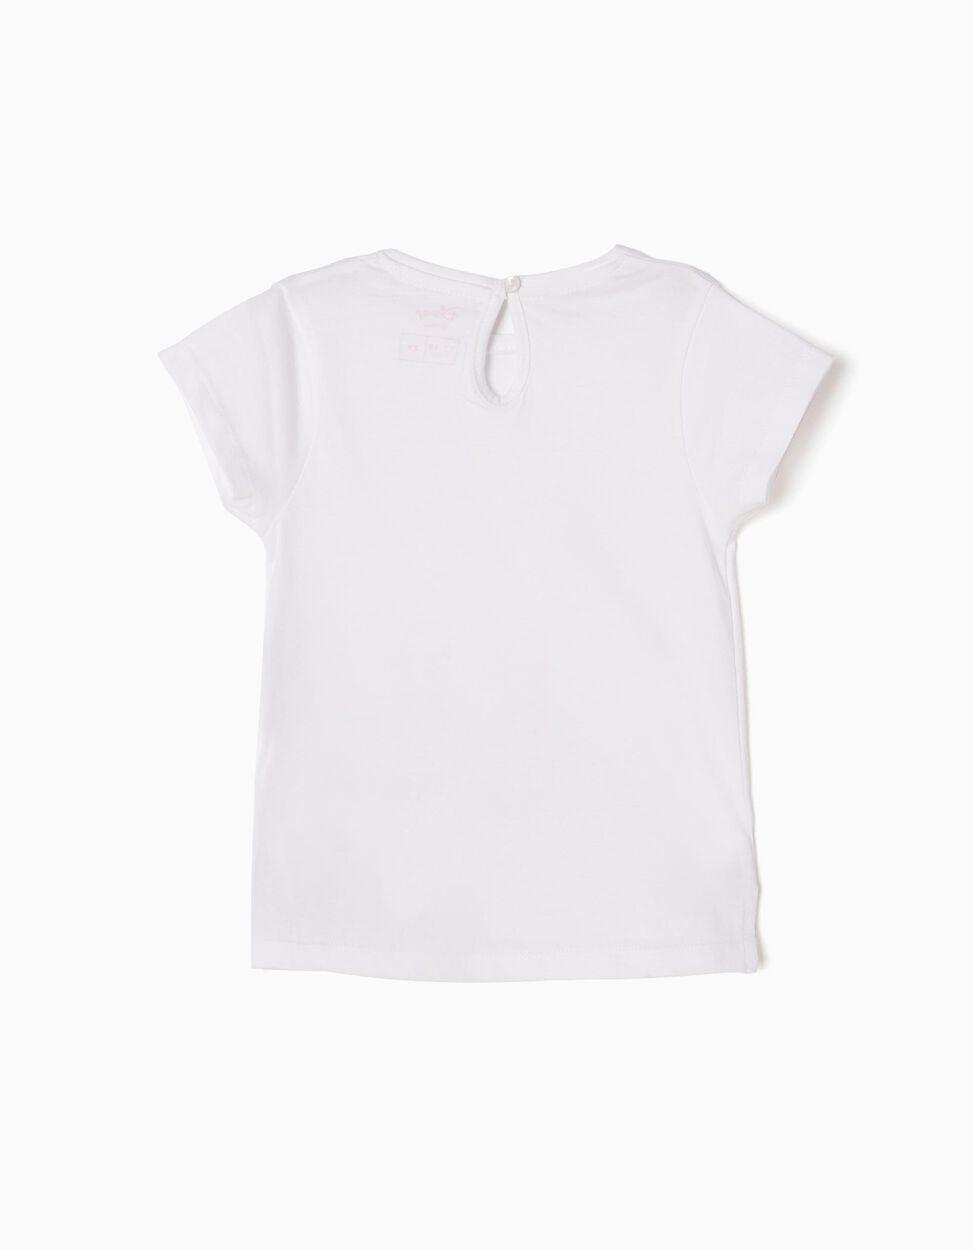 T-shirt Minnie Branca